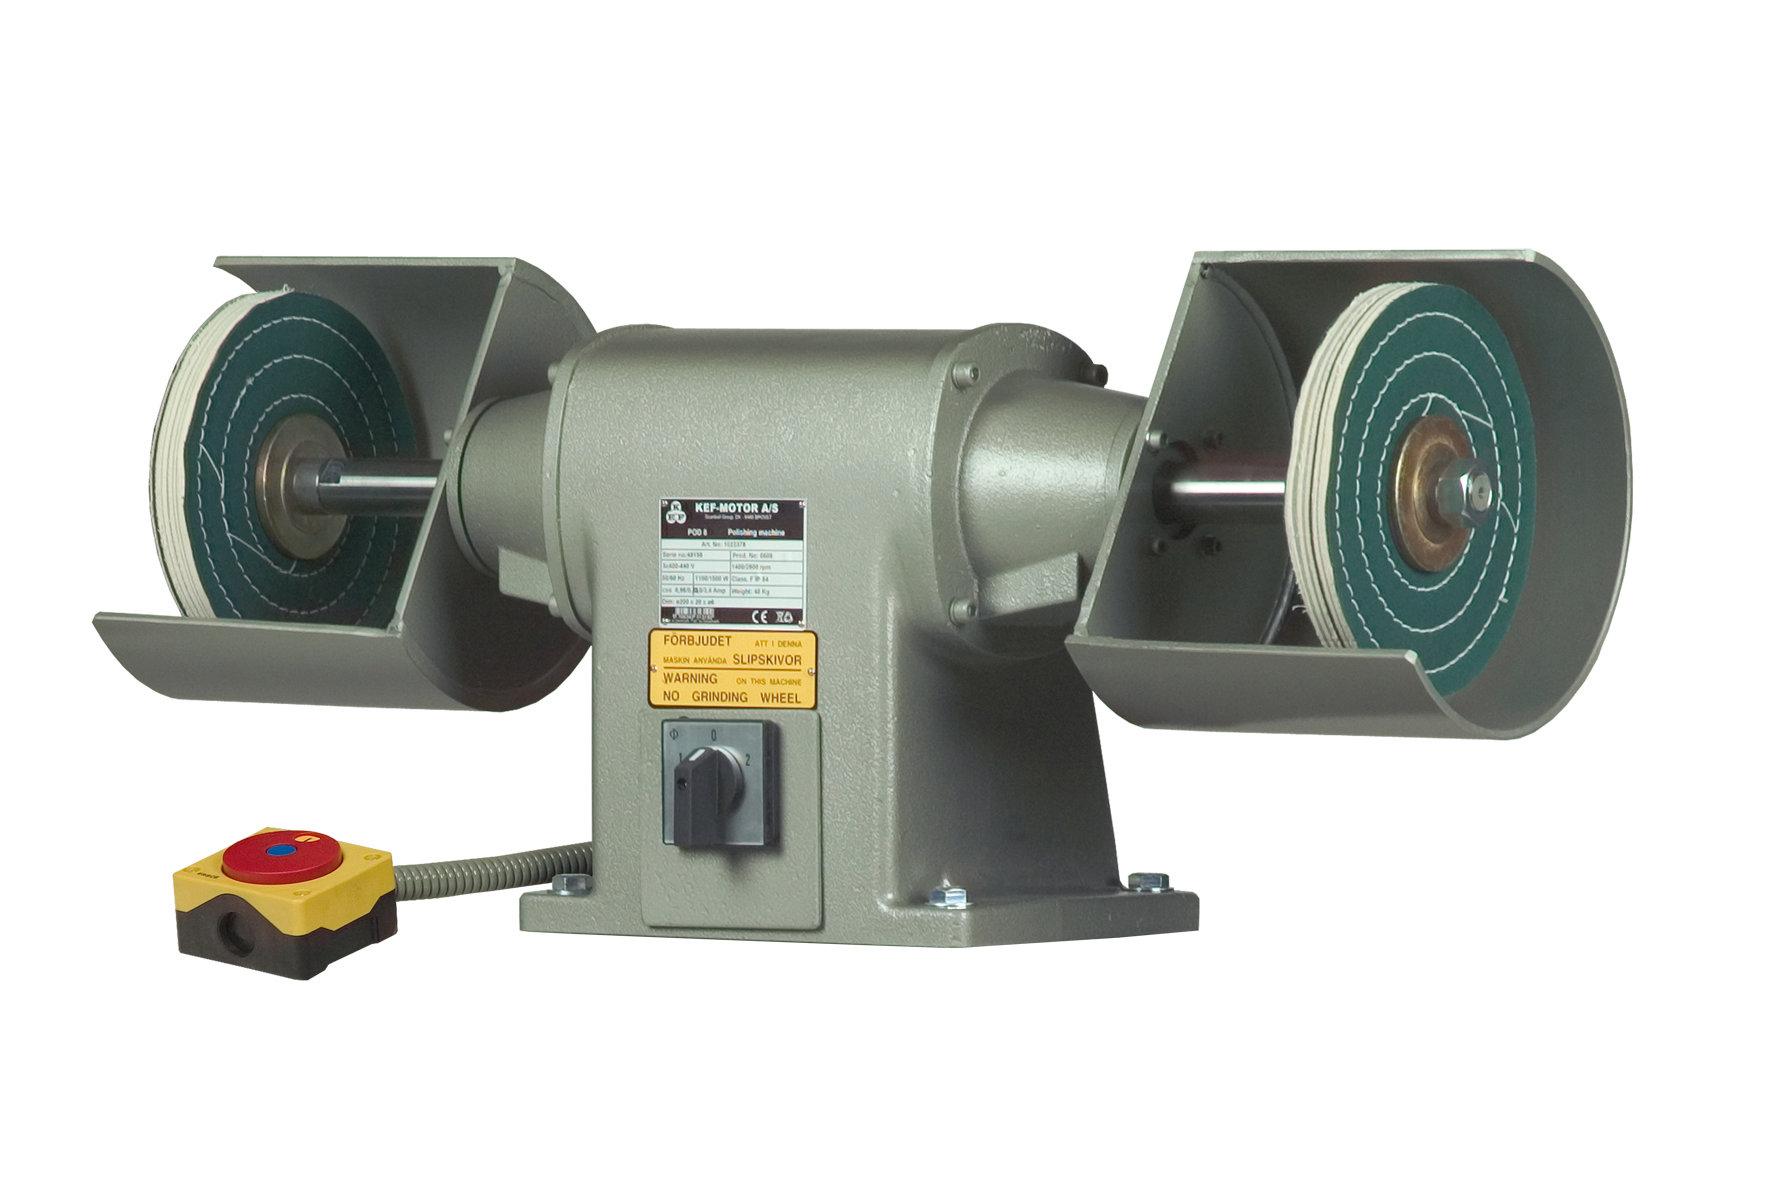 Polerka przemysłowa KEF Motor Model POD 8 - 2,2 kW